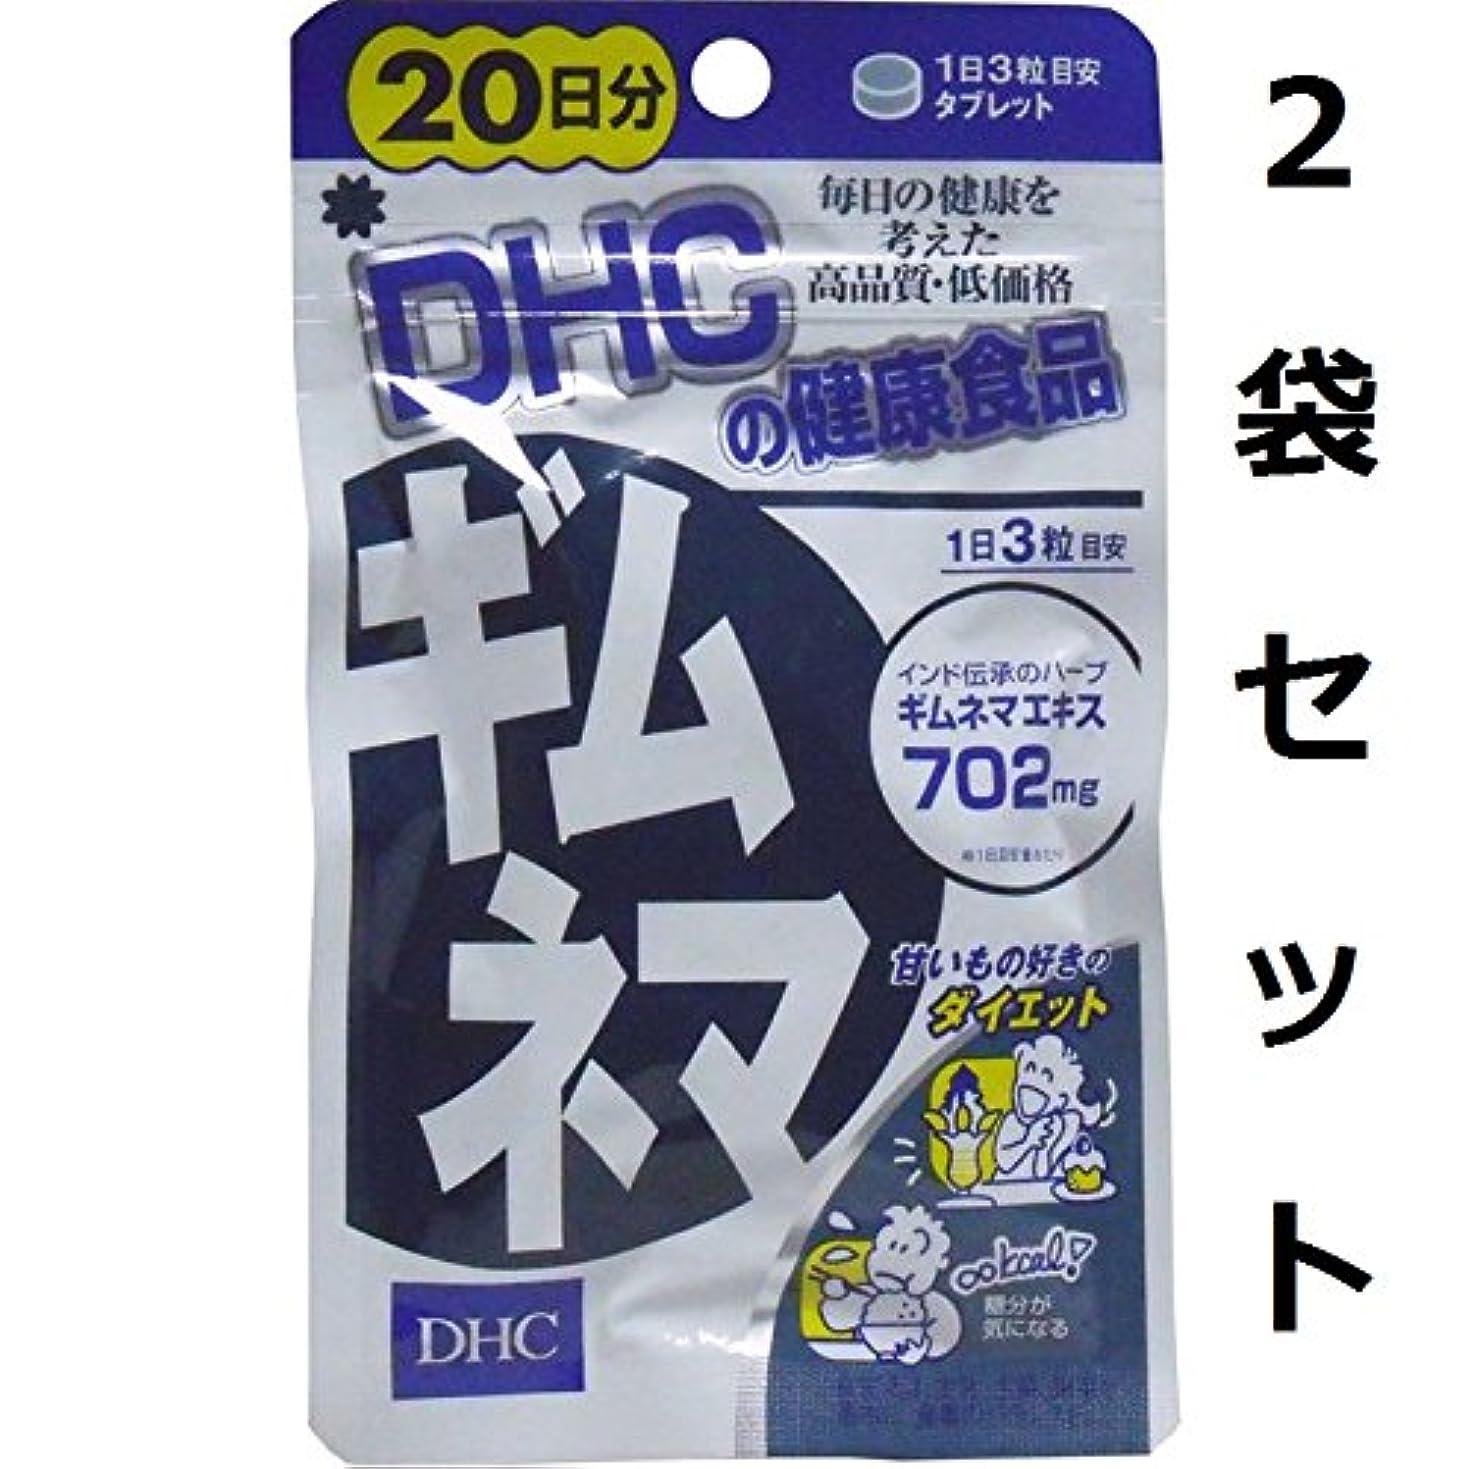 下線正確にシャックル我慢せずに余分な糖分をブロック DHC ギムネマ 20日分 60粒 2袋セット